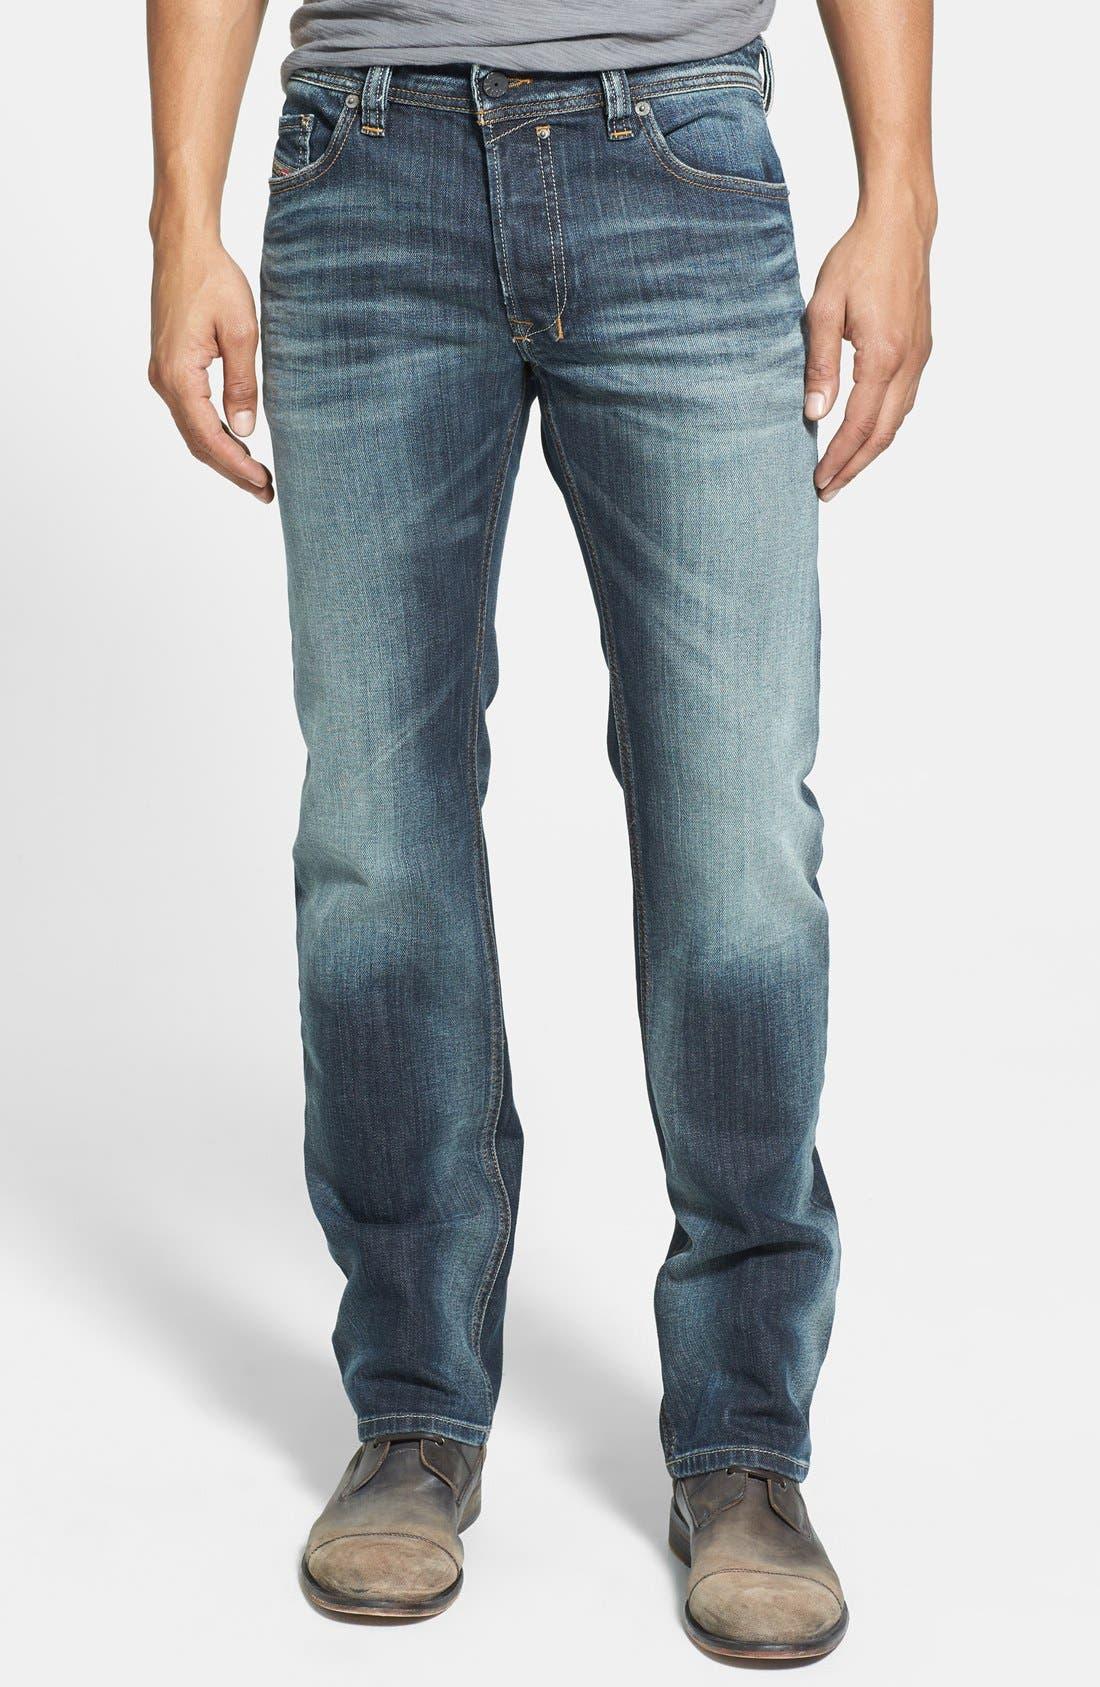 Safado Slim Fit Jeans,                             Main thumbnail 1, color,                             400